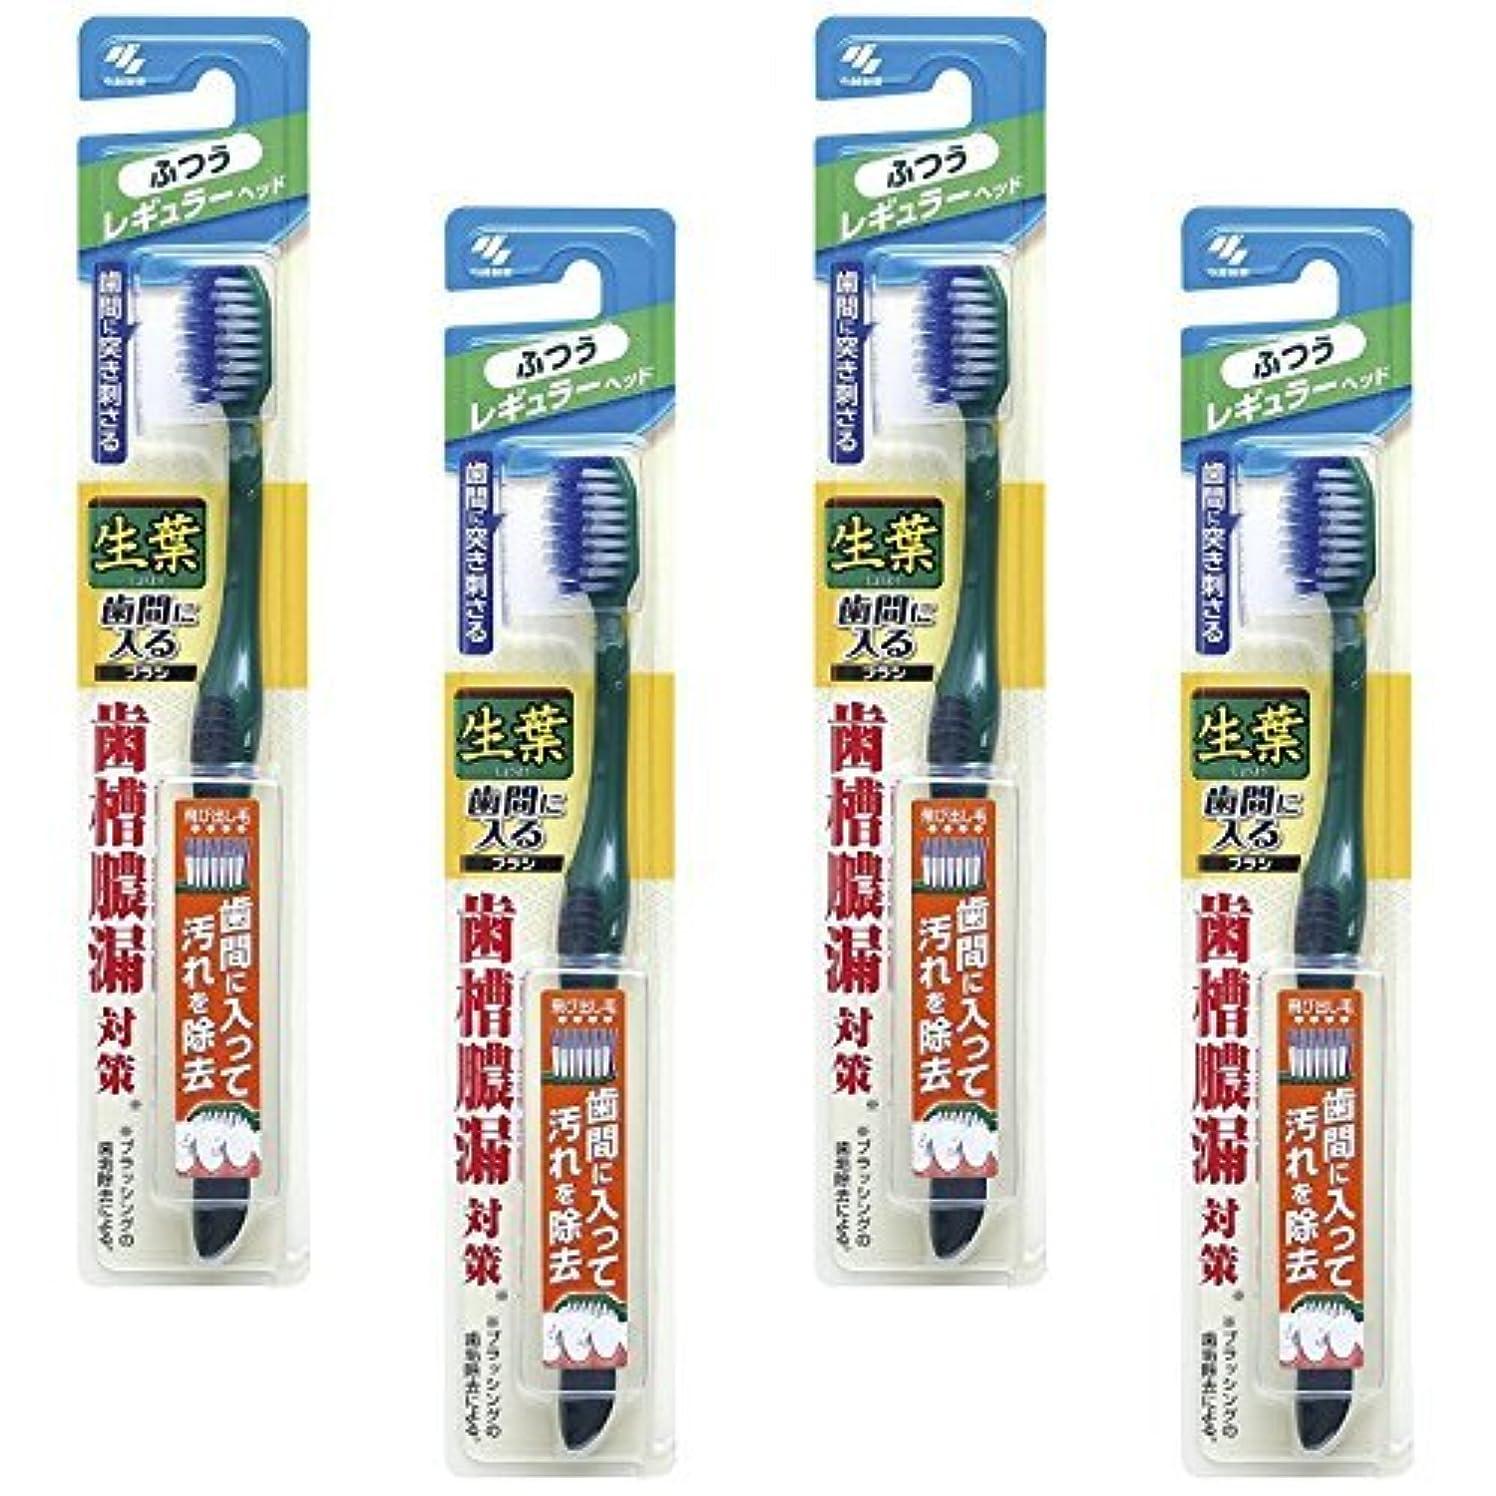 優しさパブ方法【まとめ買い】生葉(しょうよう)歯間に入るブラシ 歯ブラシ レギュラー ふつう ×4個